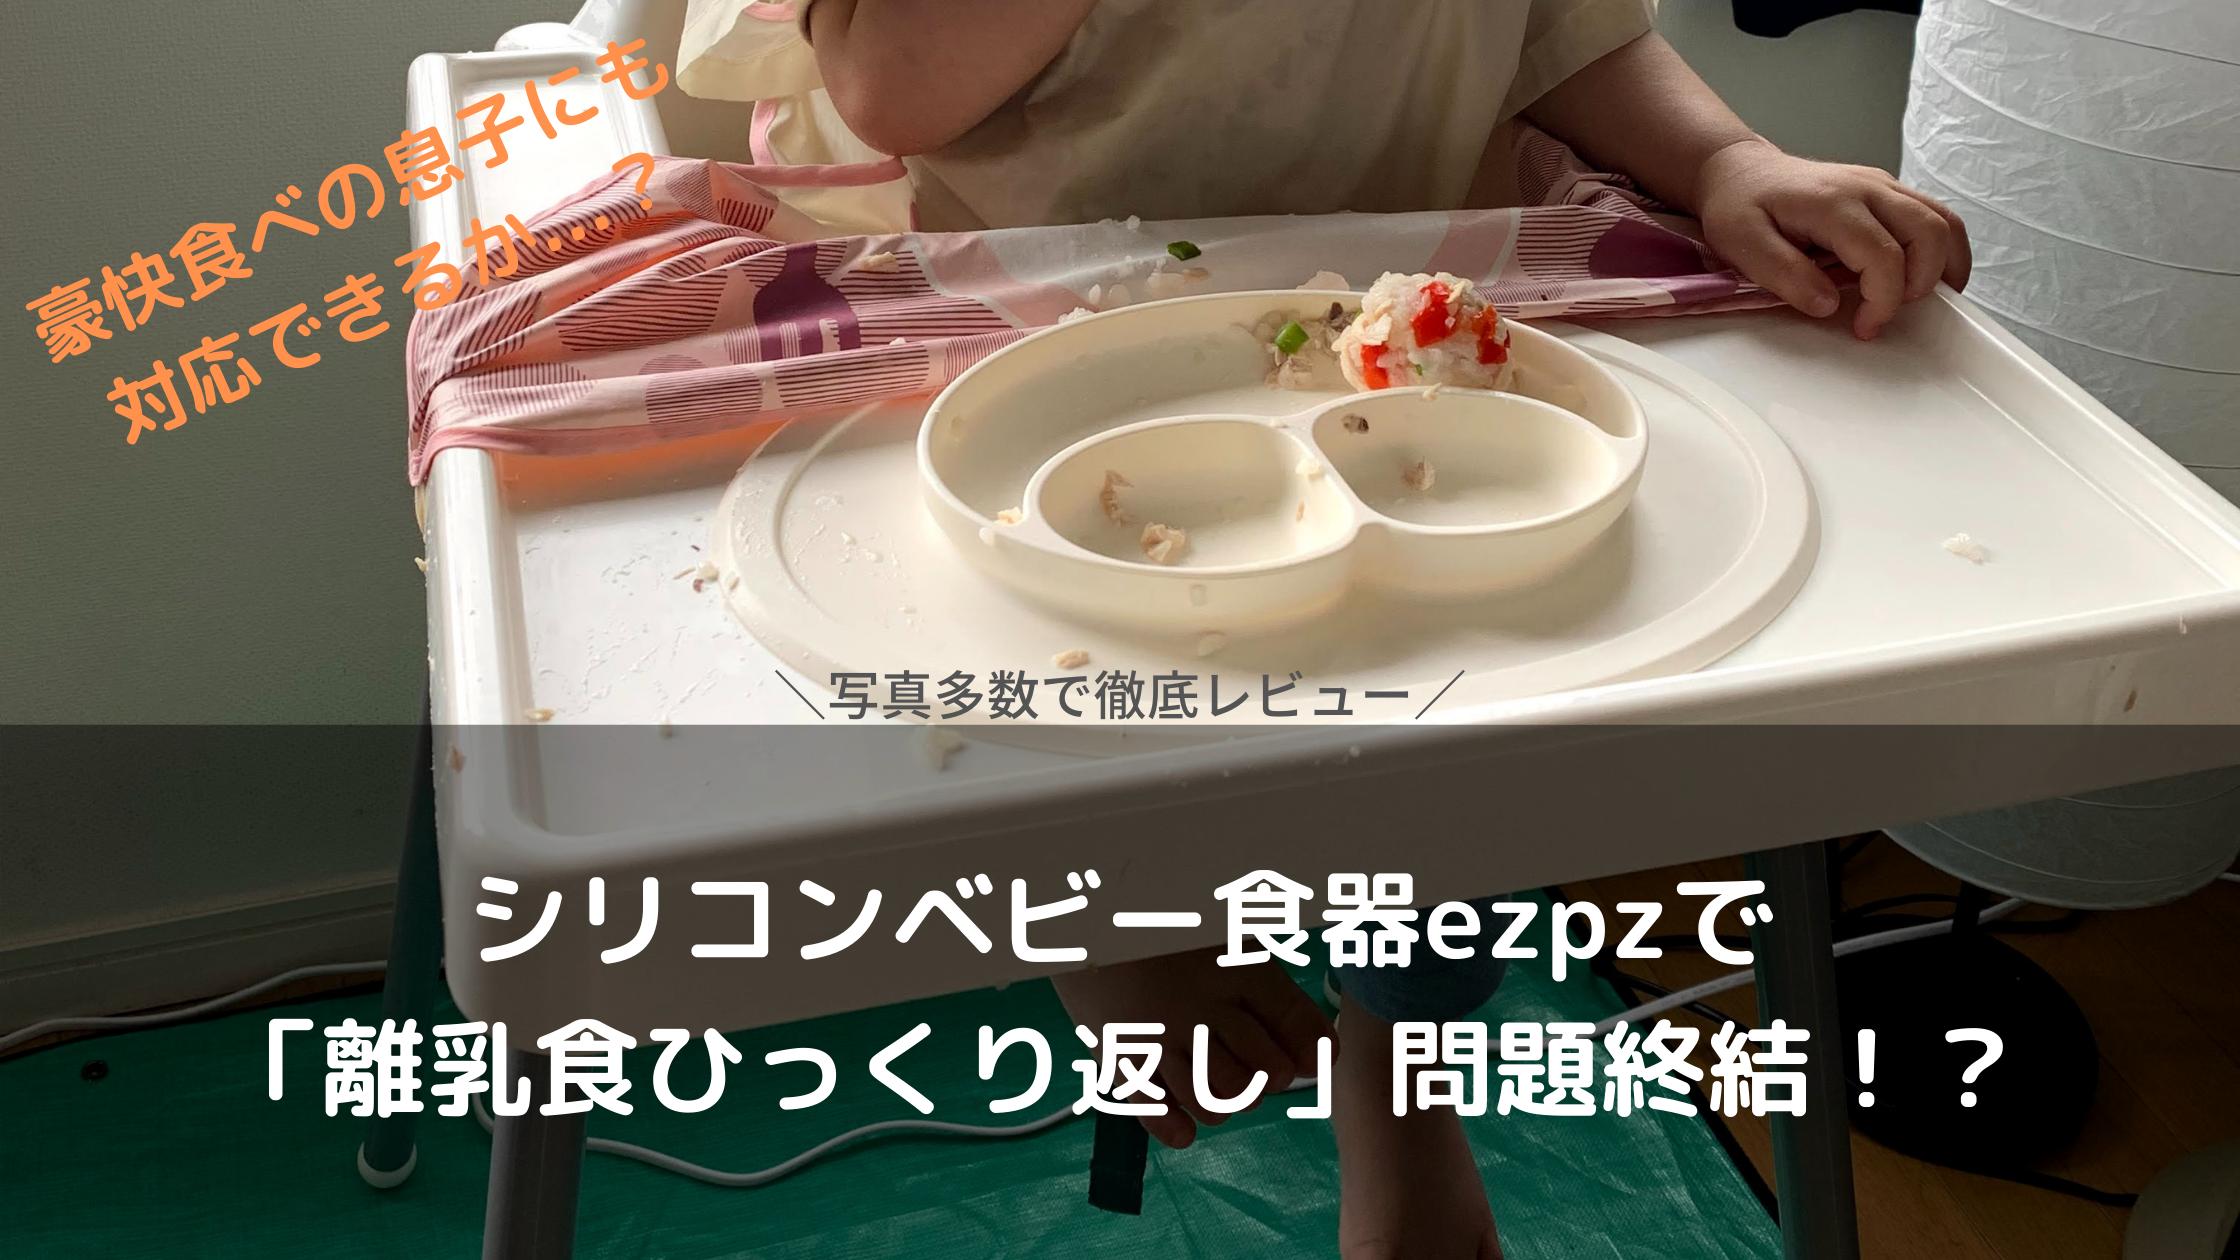 ezpzのシリコンベビー食器で「離乳食ひっくり返し」問題がついに解決!?口コミレビュー